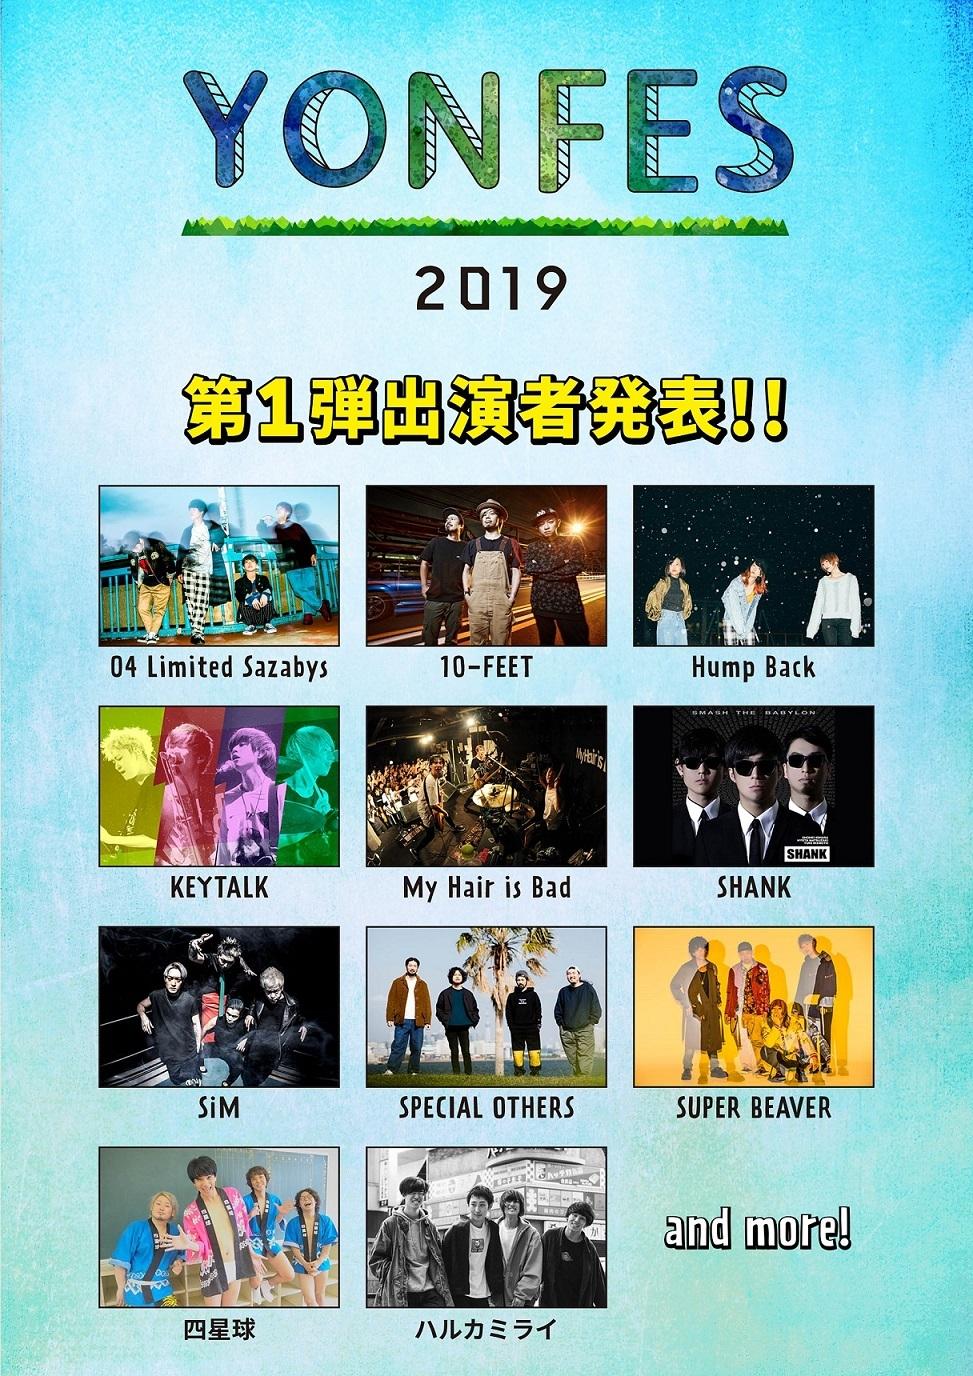 YON FES 2019